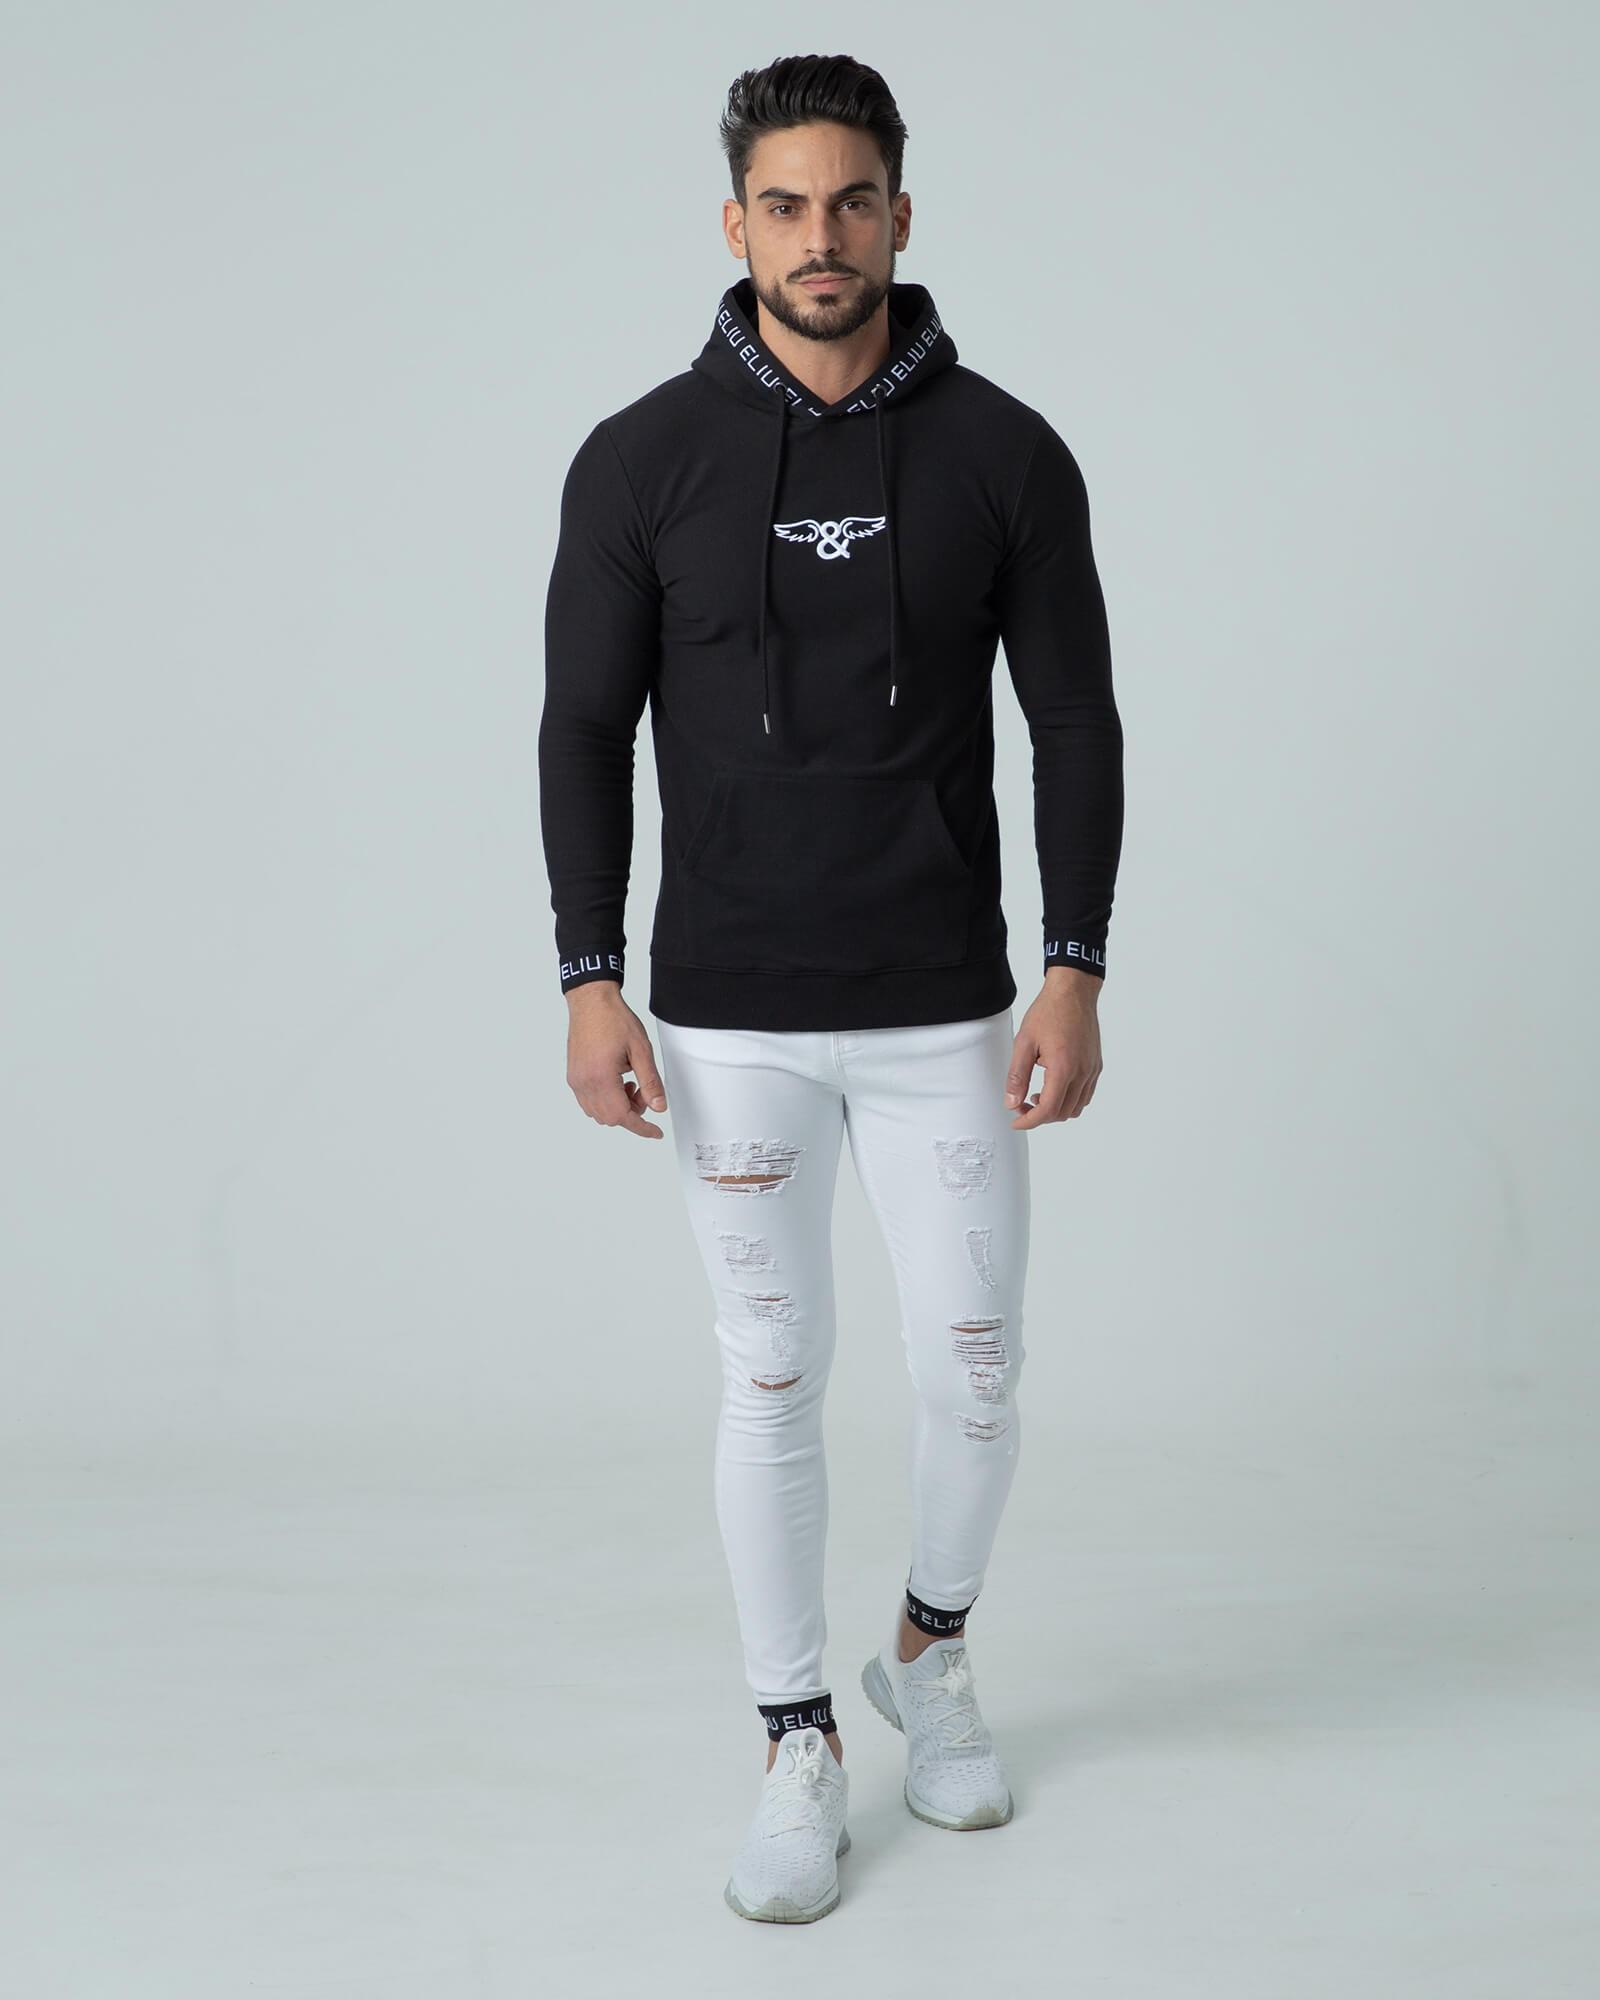 Sudadera negra con capucha Hoodie Sport. Estilo urbano ELIU streetwear.